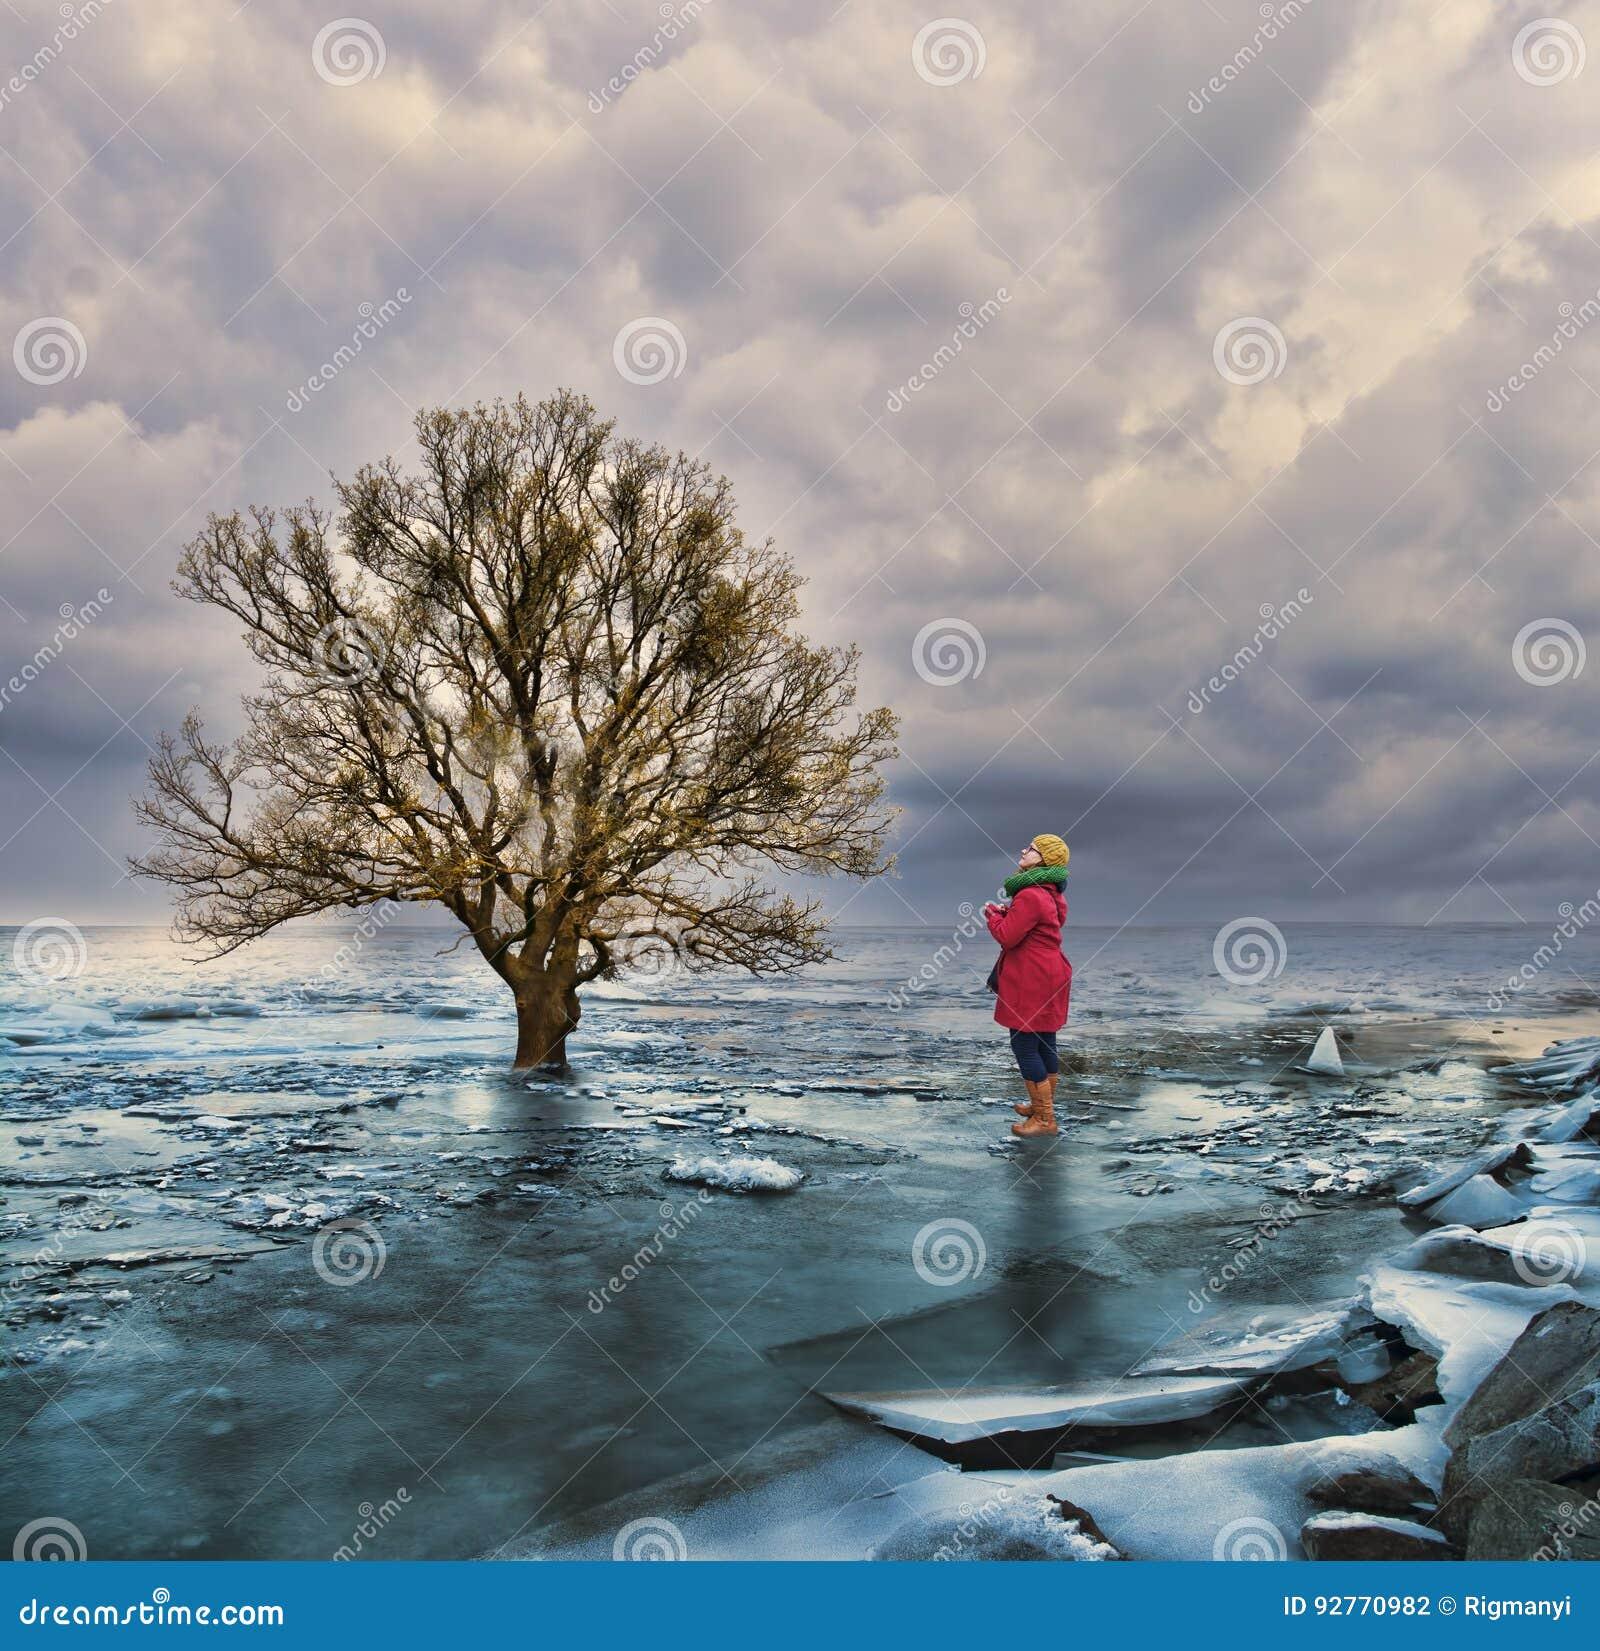 Κλιματική αλλαγή υπερθέρμανσης του πλανήτη